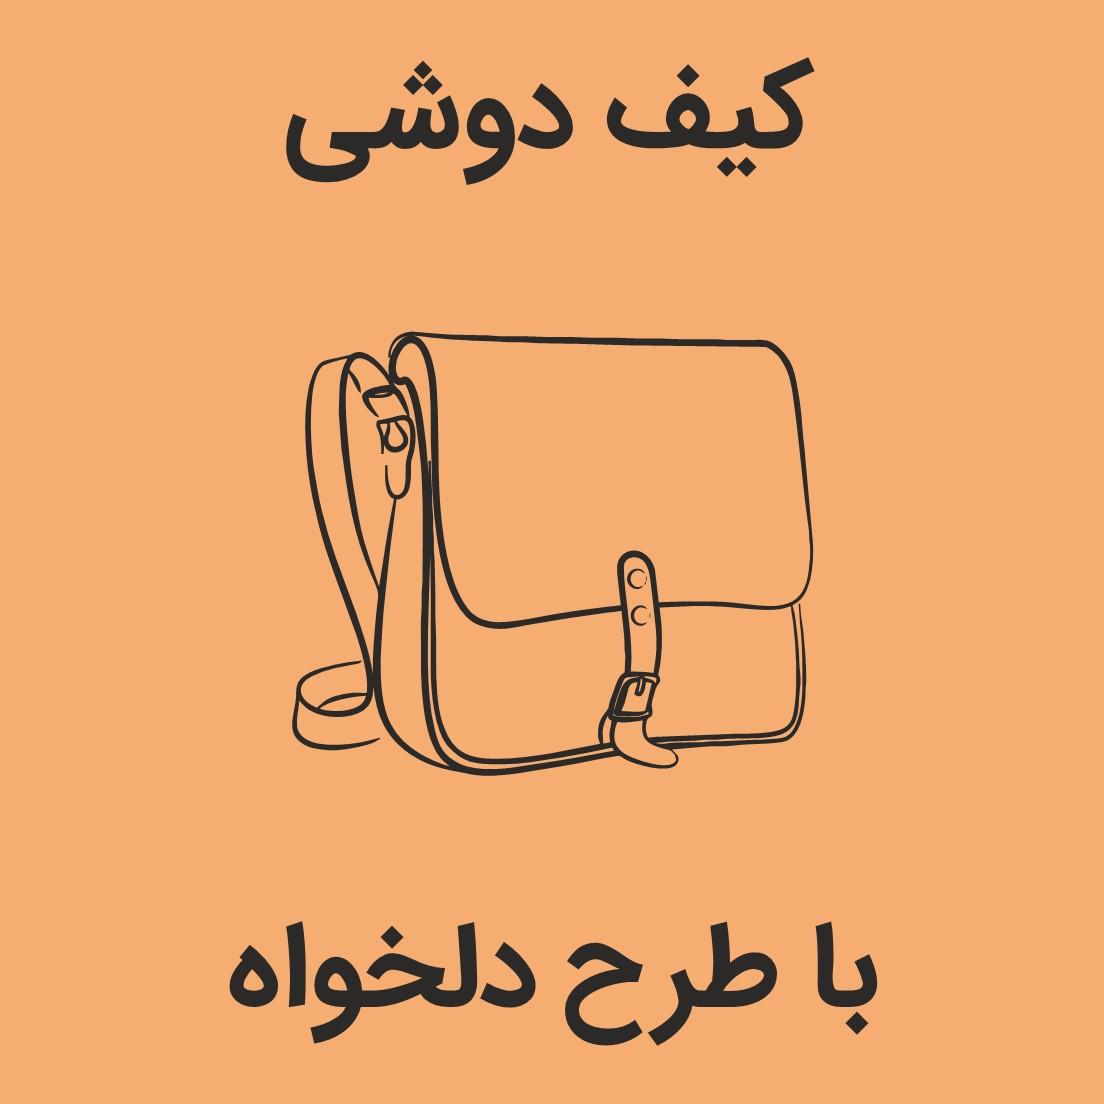 سفارش تیشرت با طرح دلخواه | کیف زنانه و مردانه